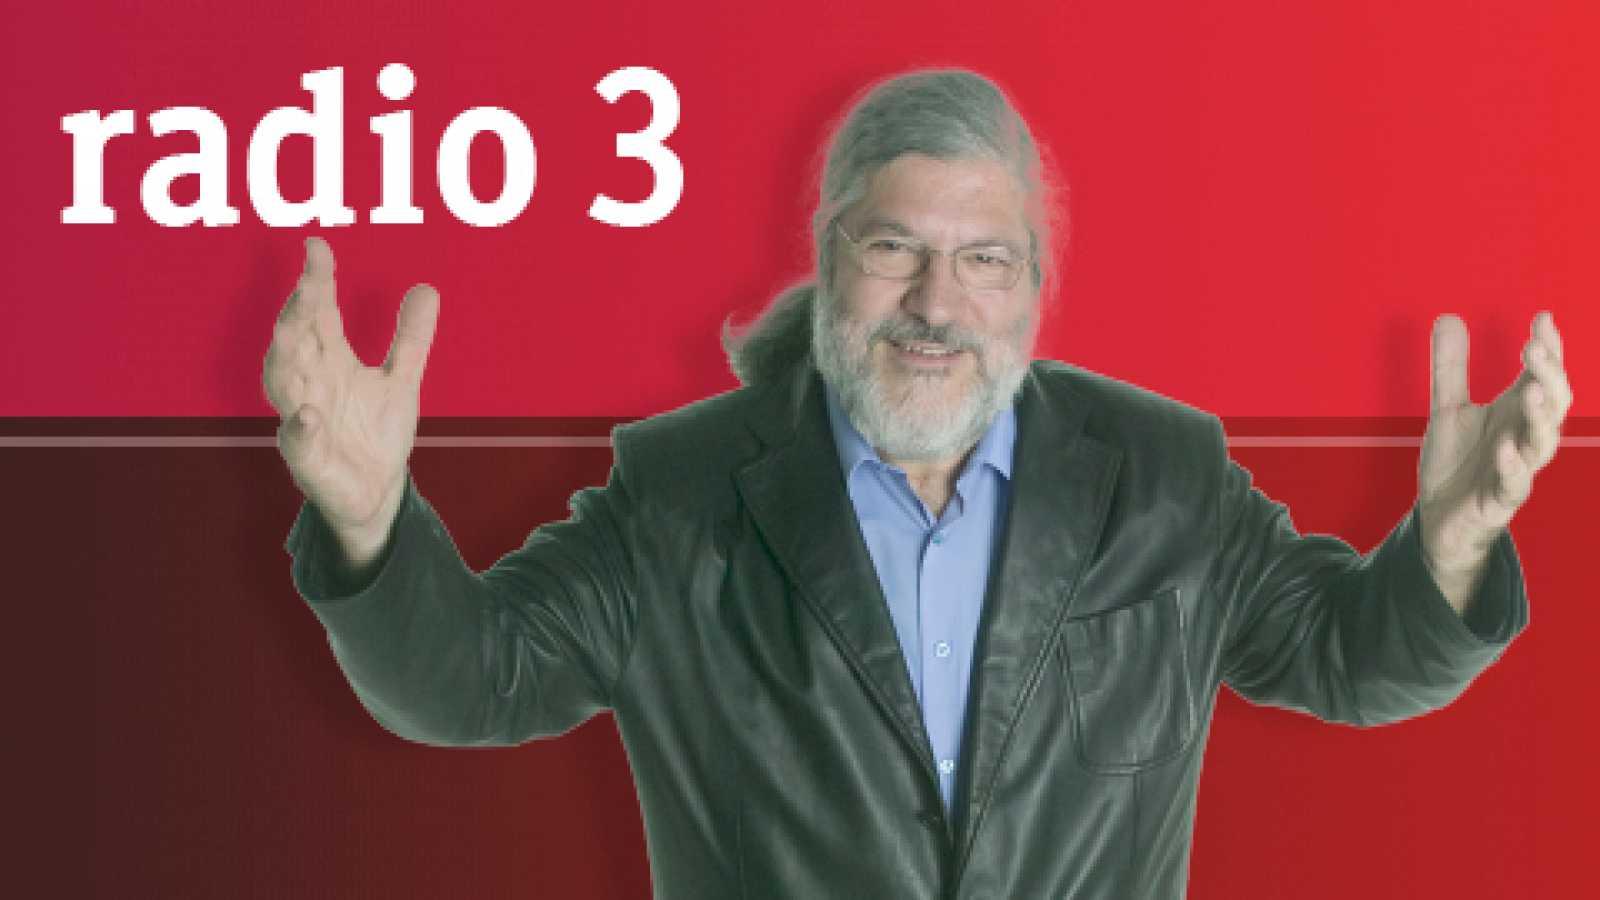 Discópolis Jazz 10.982 - Sesiones Tesoro RNE 128: Cebolla - Pedro Ruy - 13/06/20 - escuchar ahora